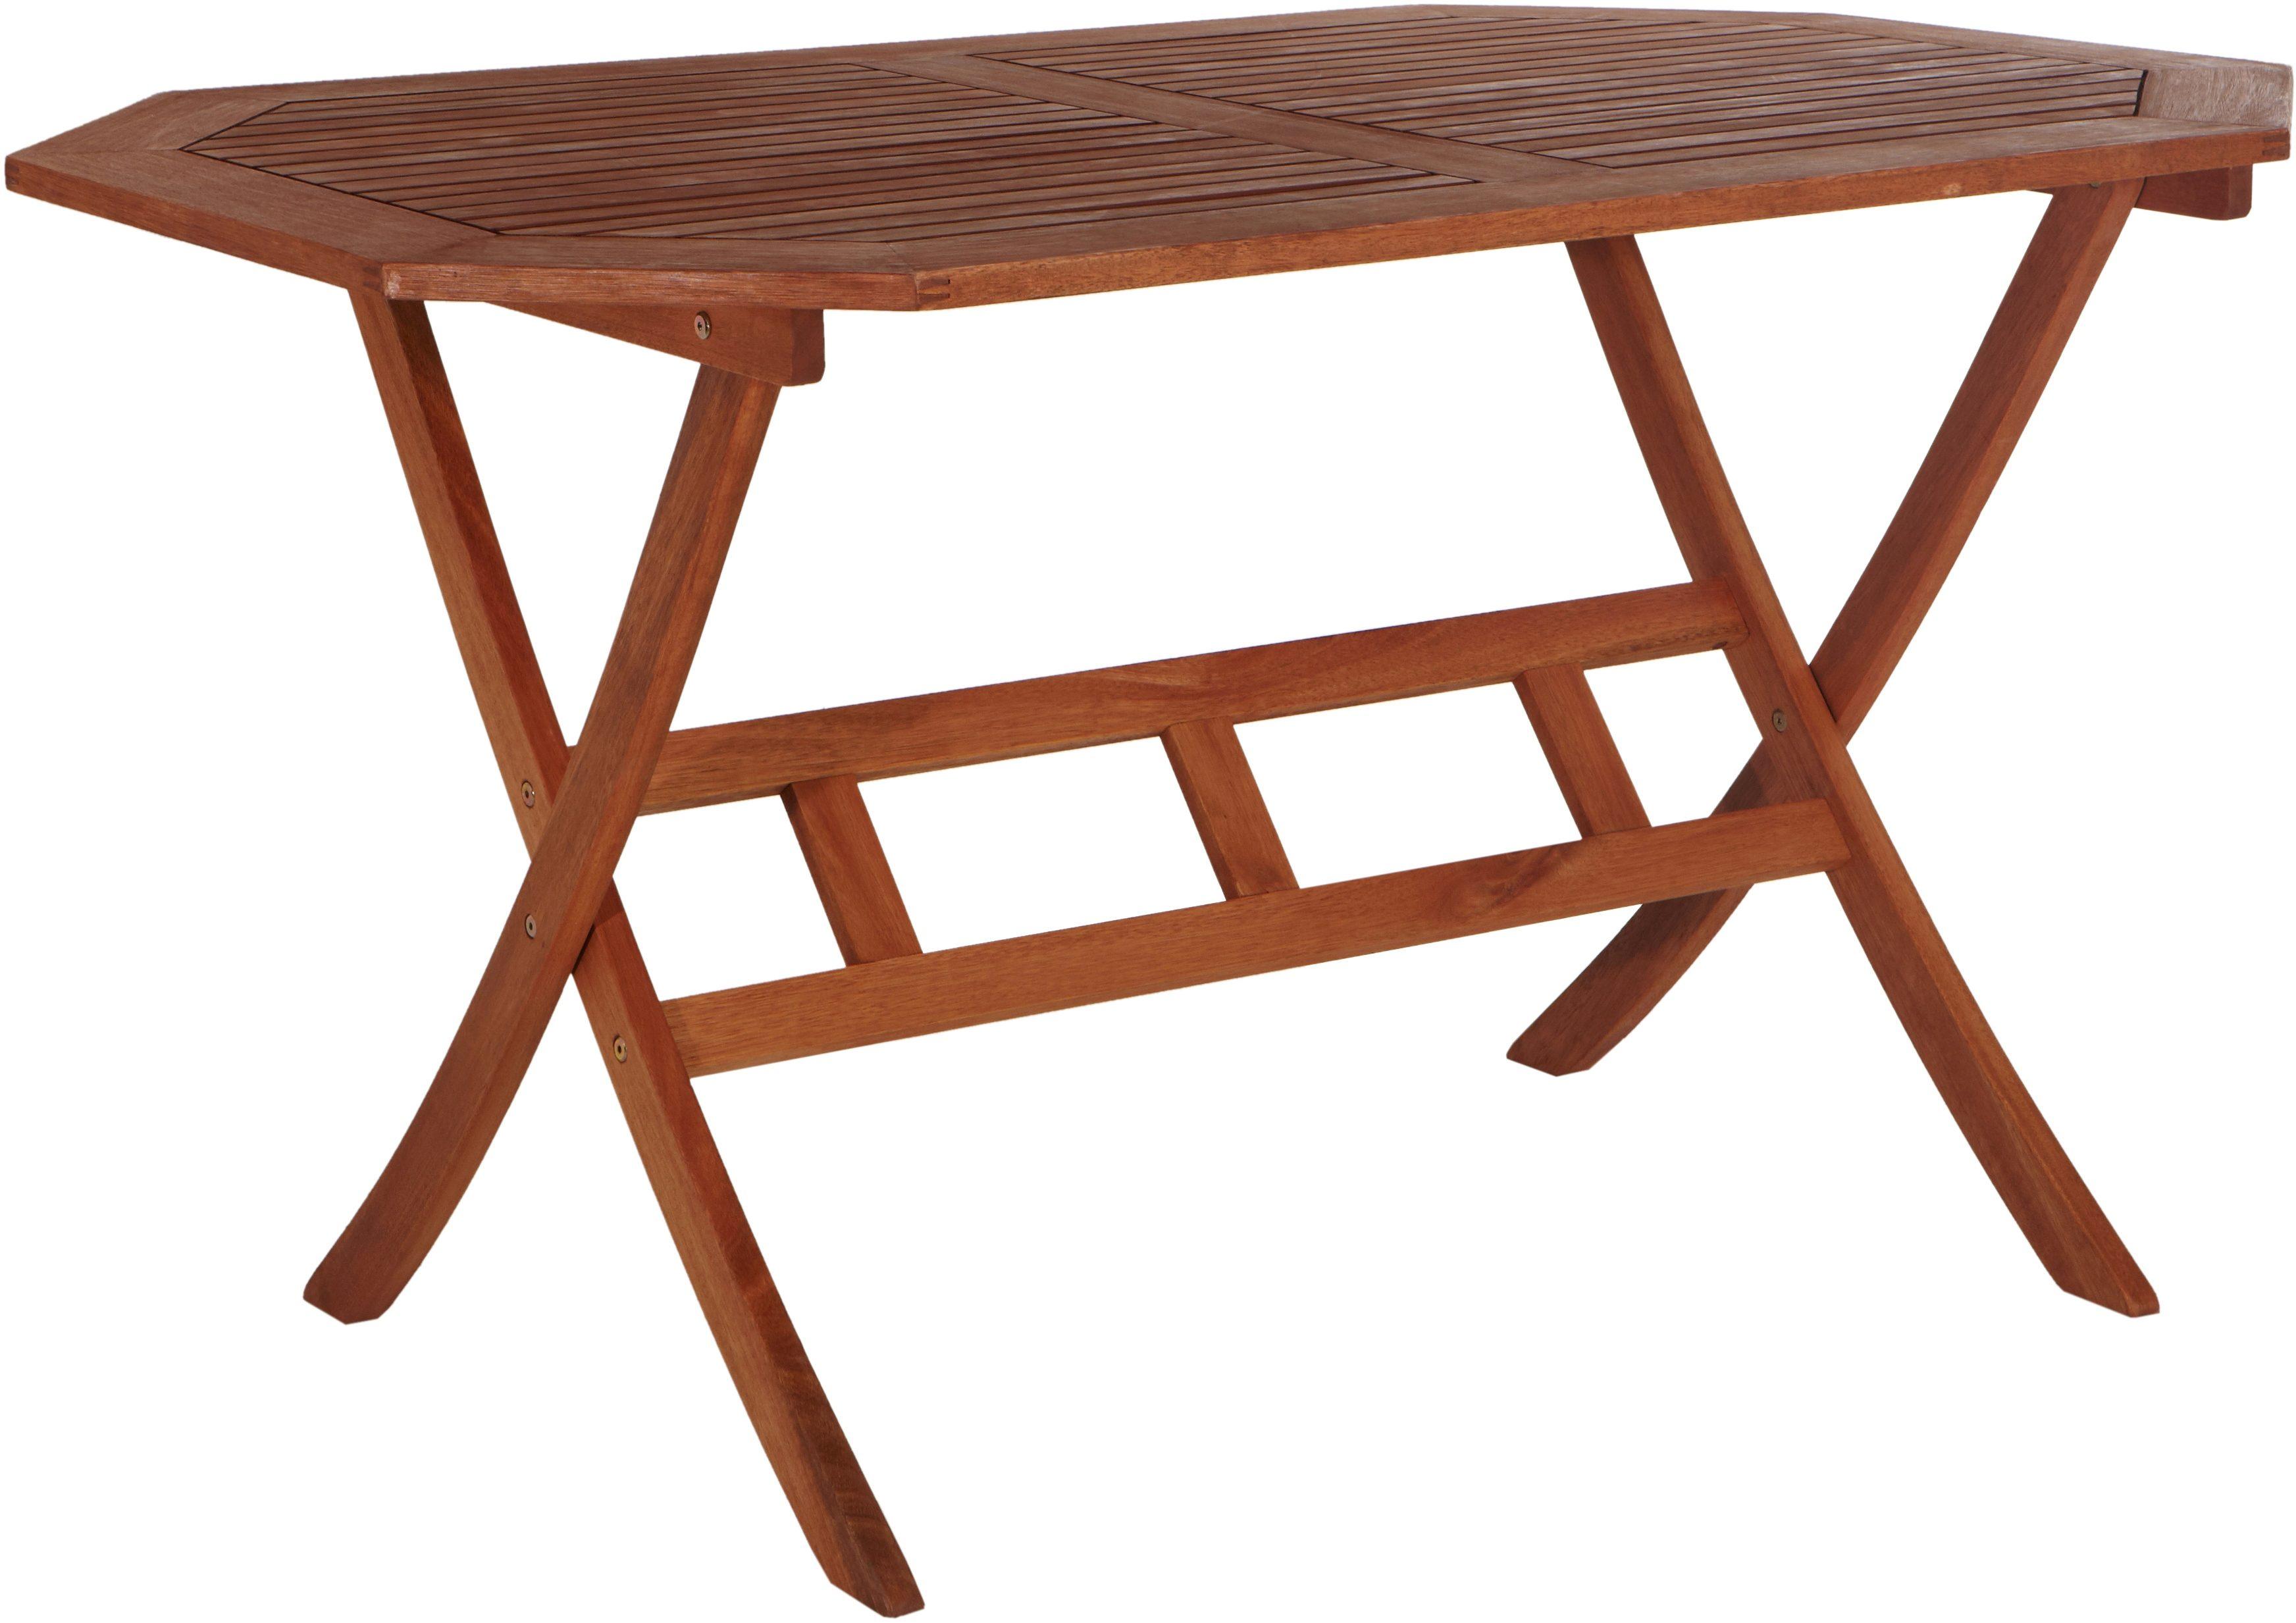 Gartentisch »Borkum«, klappbar, Eukalyptusholz, 135x85 cm